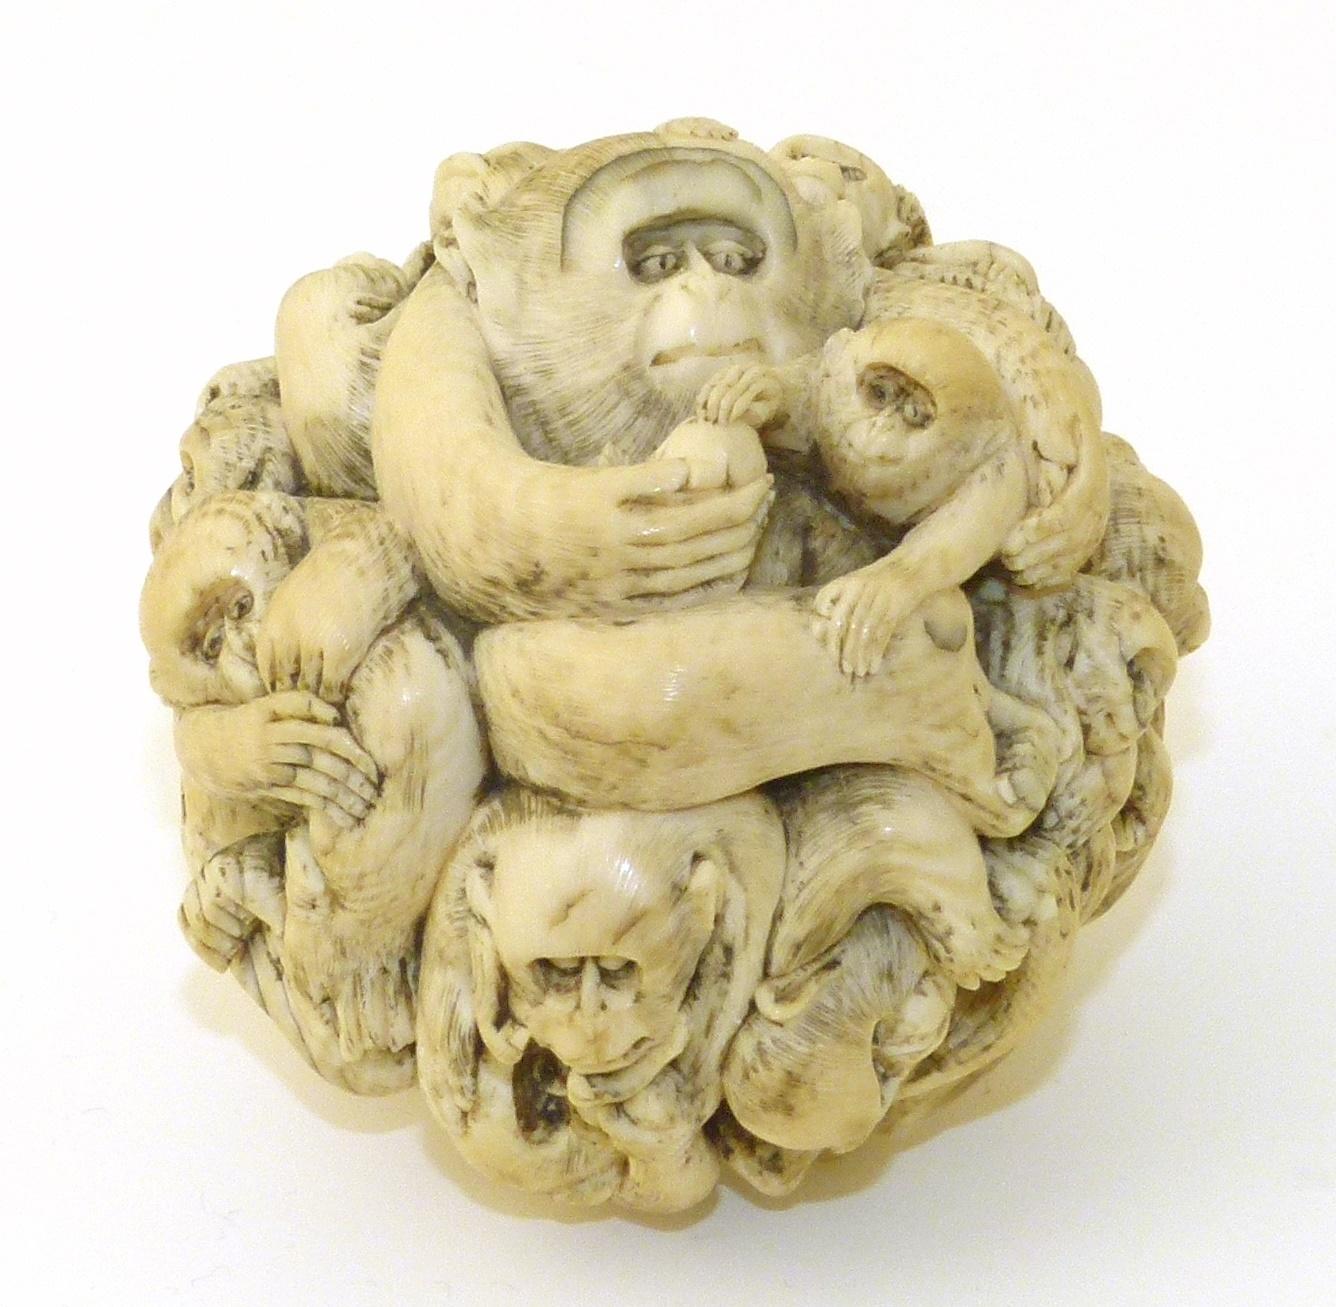 Japanese Ivory Monkey Ball